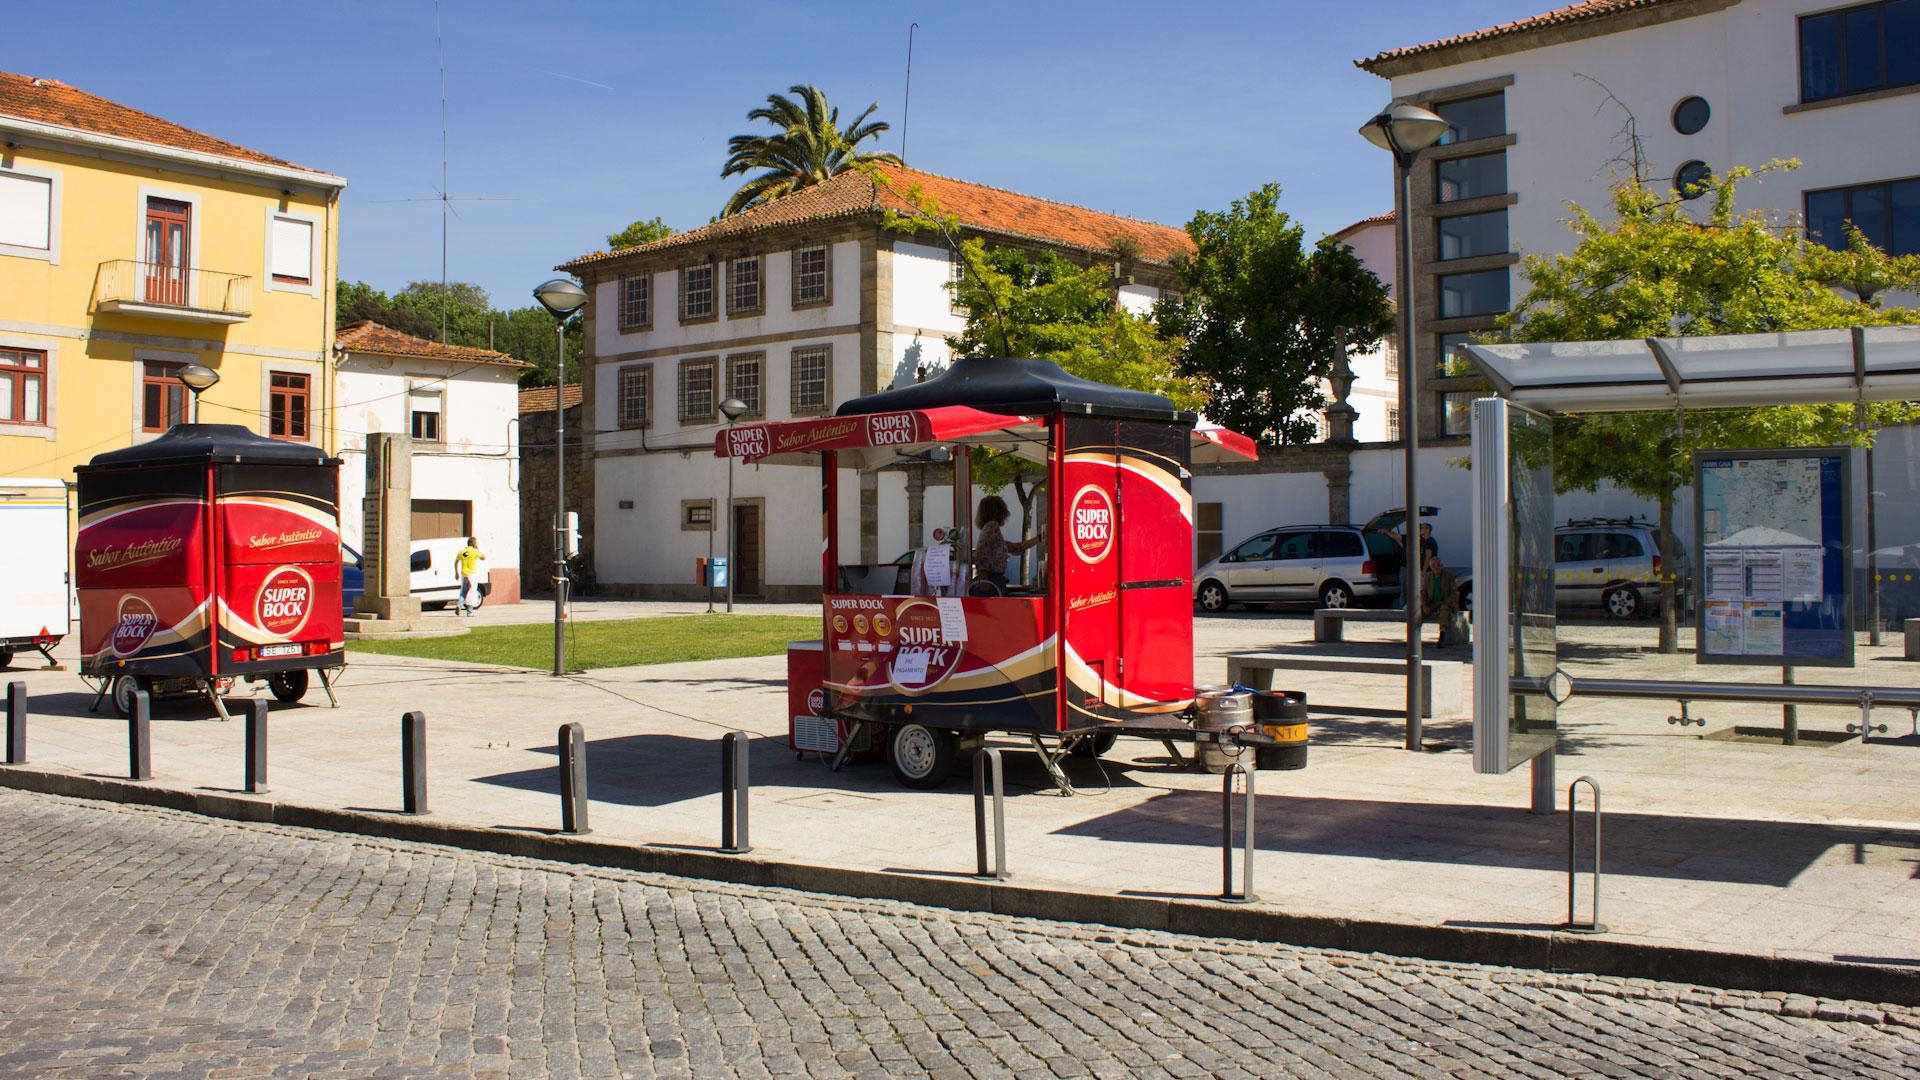 Super Bock Stand in Porto